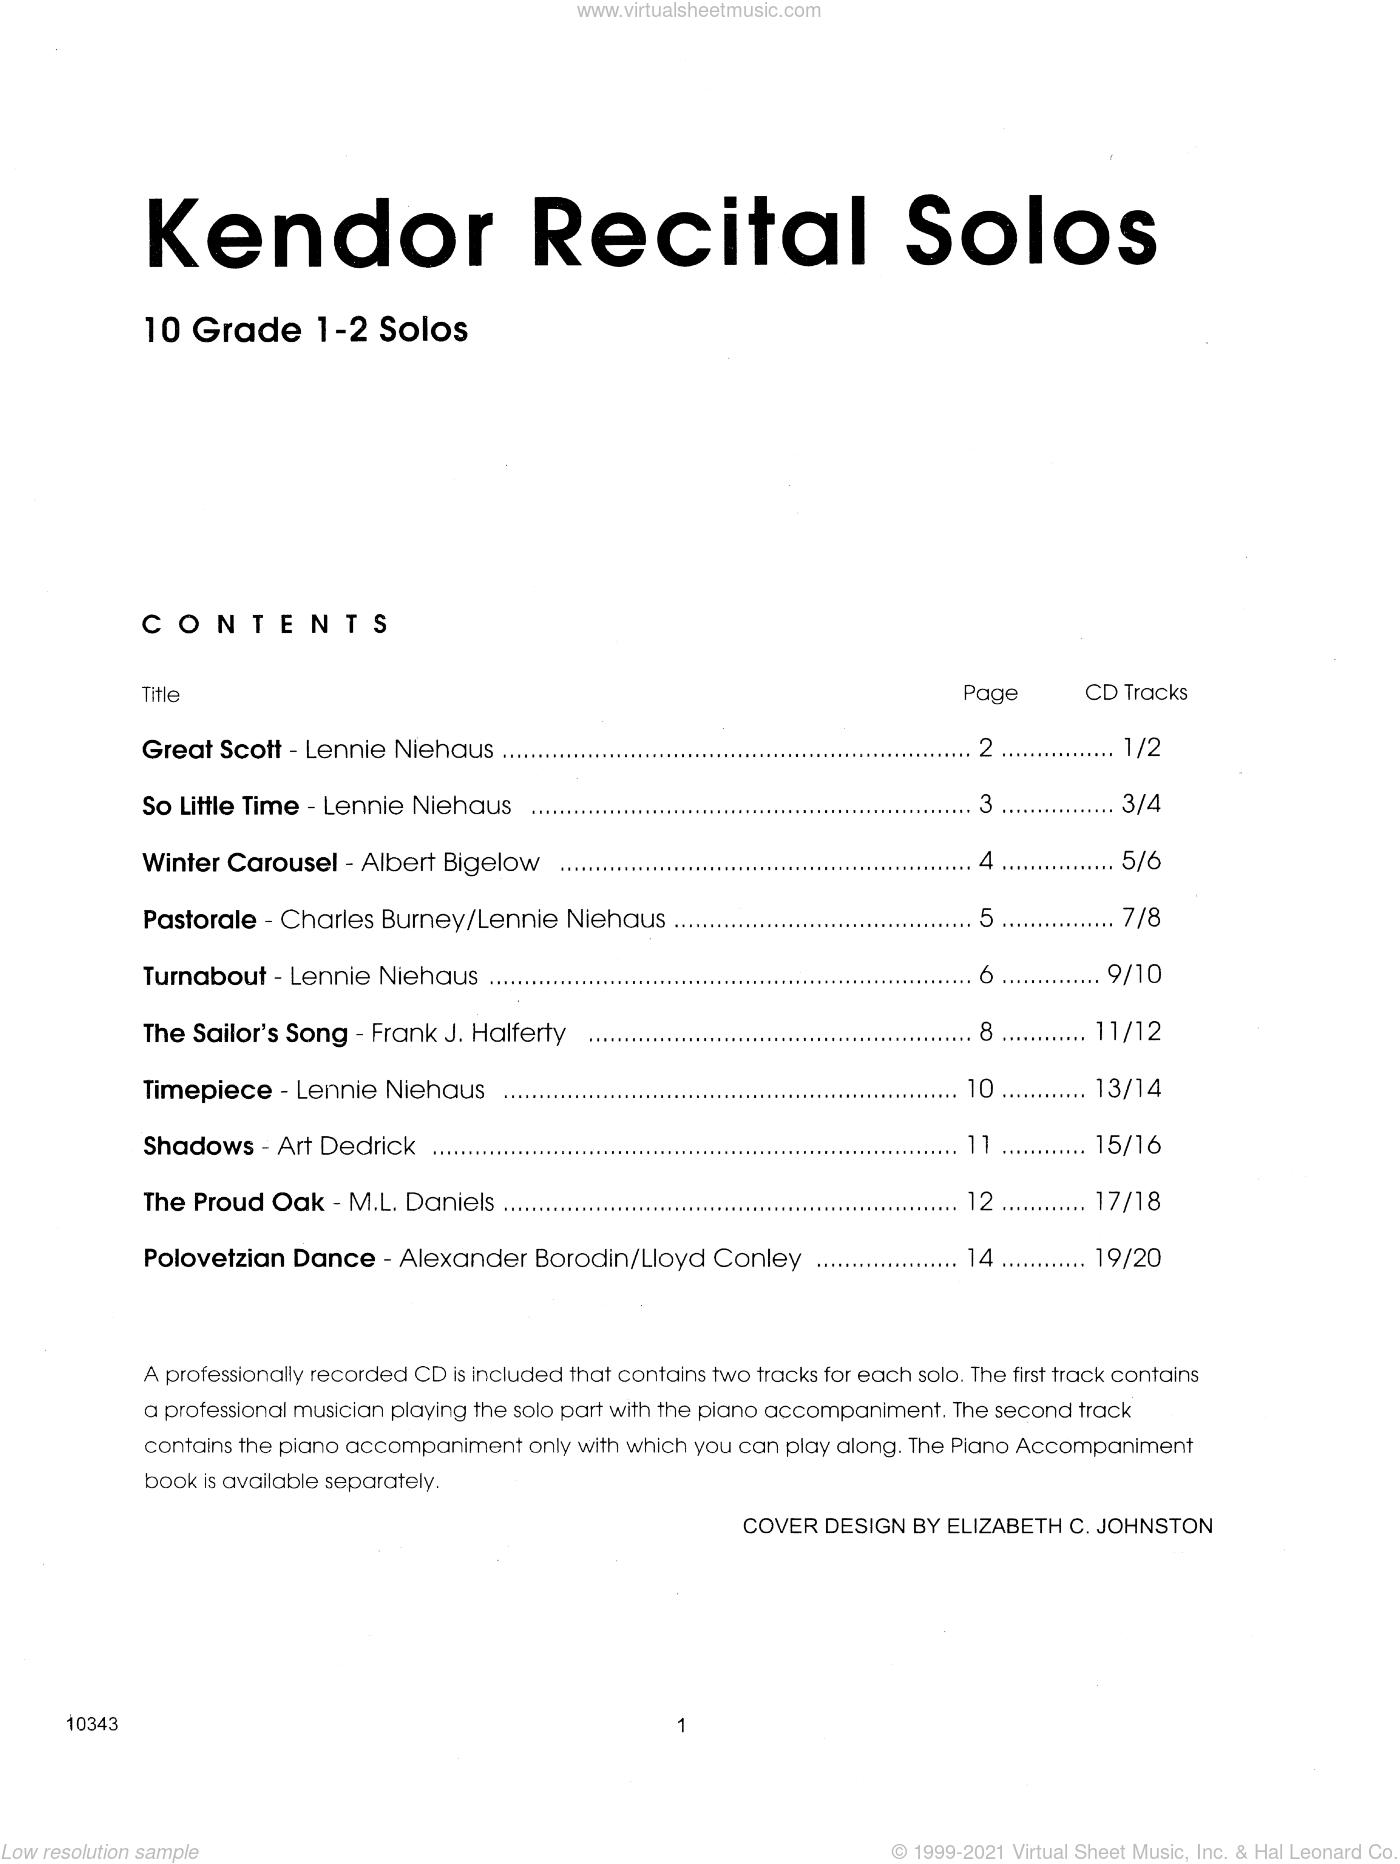 Kendor Recital Solos - Trombone - Solo Book sheet music for trombone solo, intermediate skill level